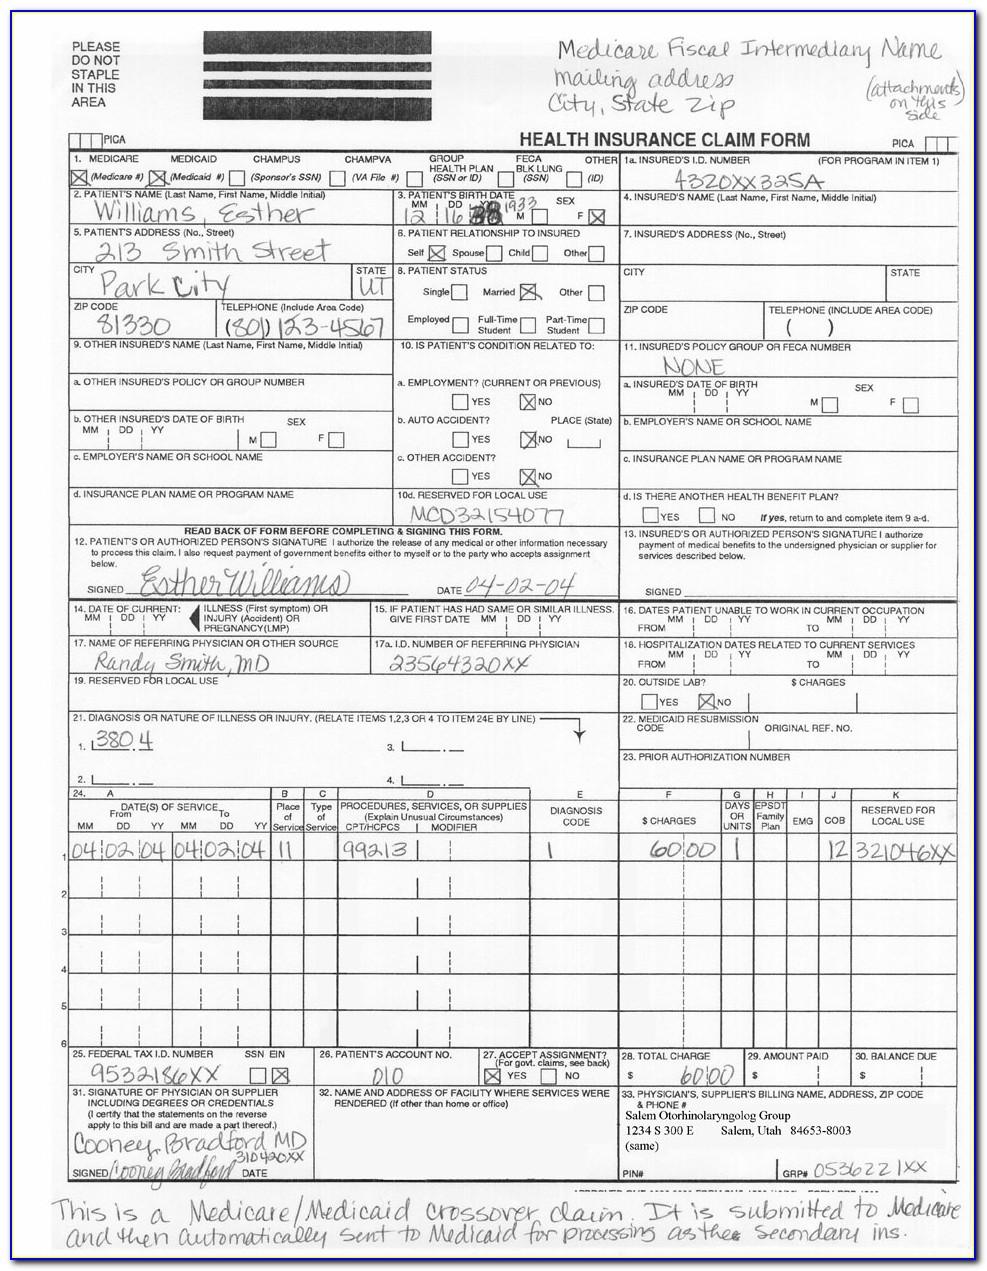 Medicare 1500 Form 2014